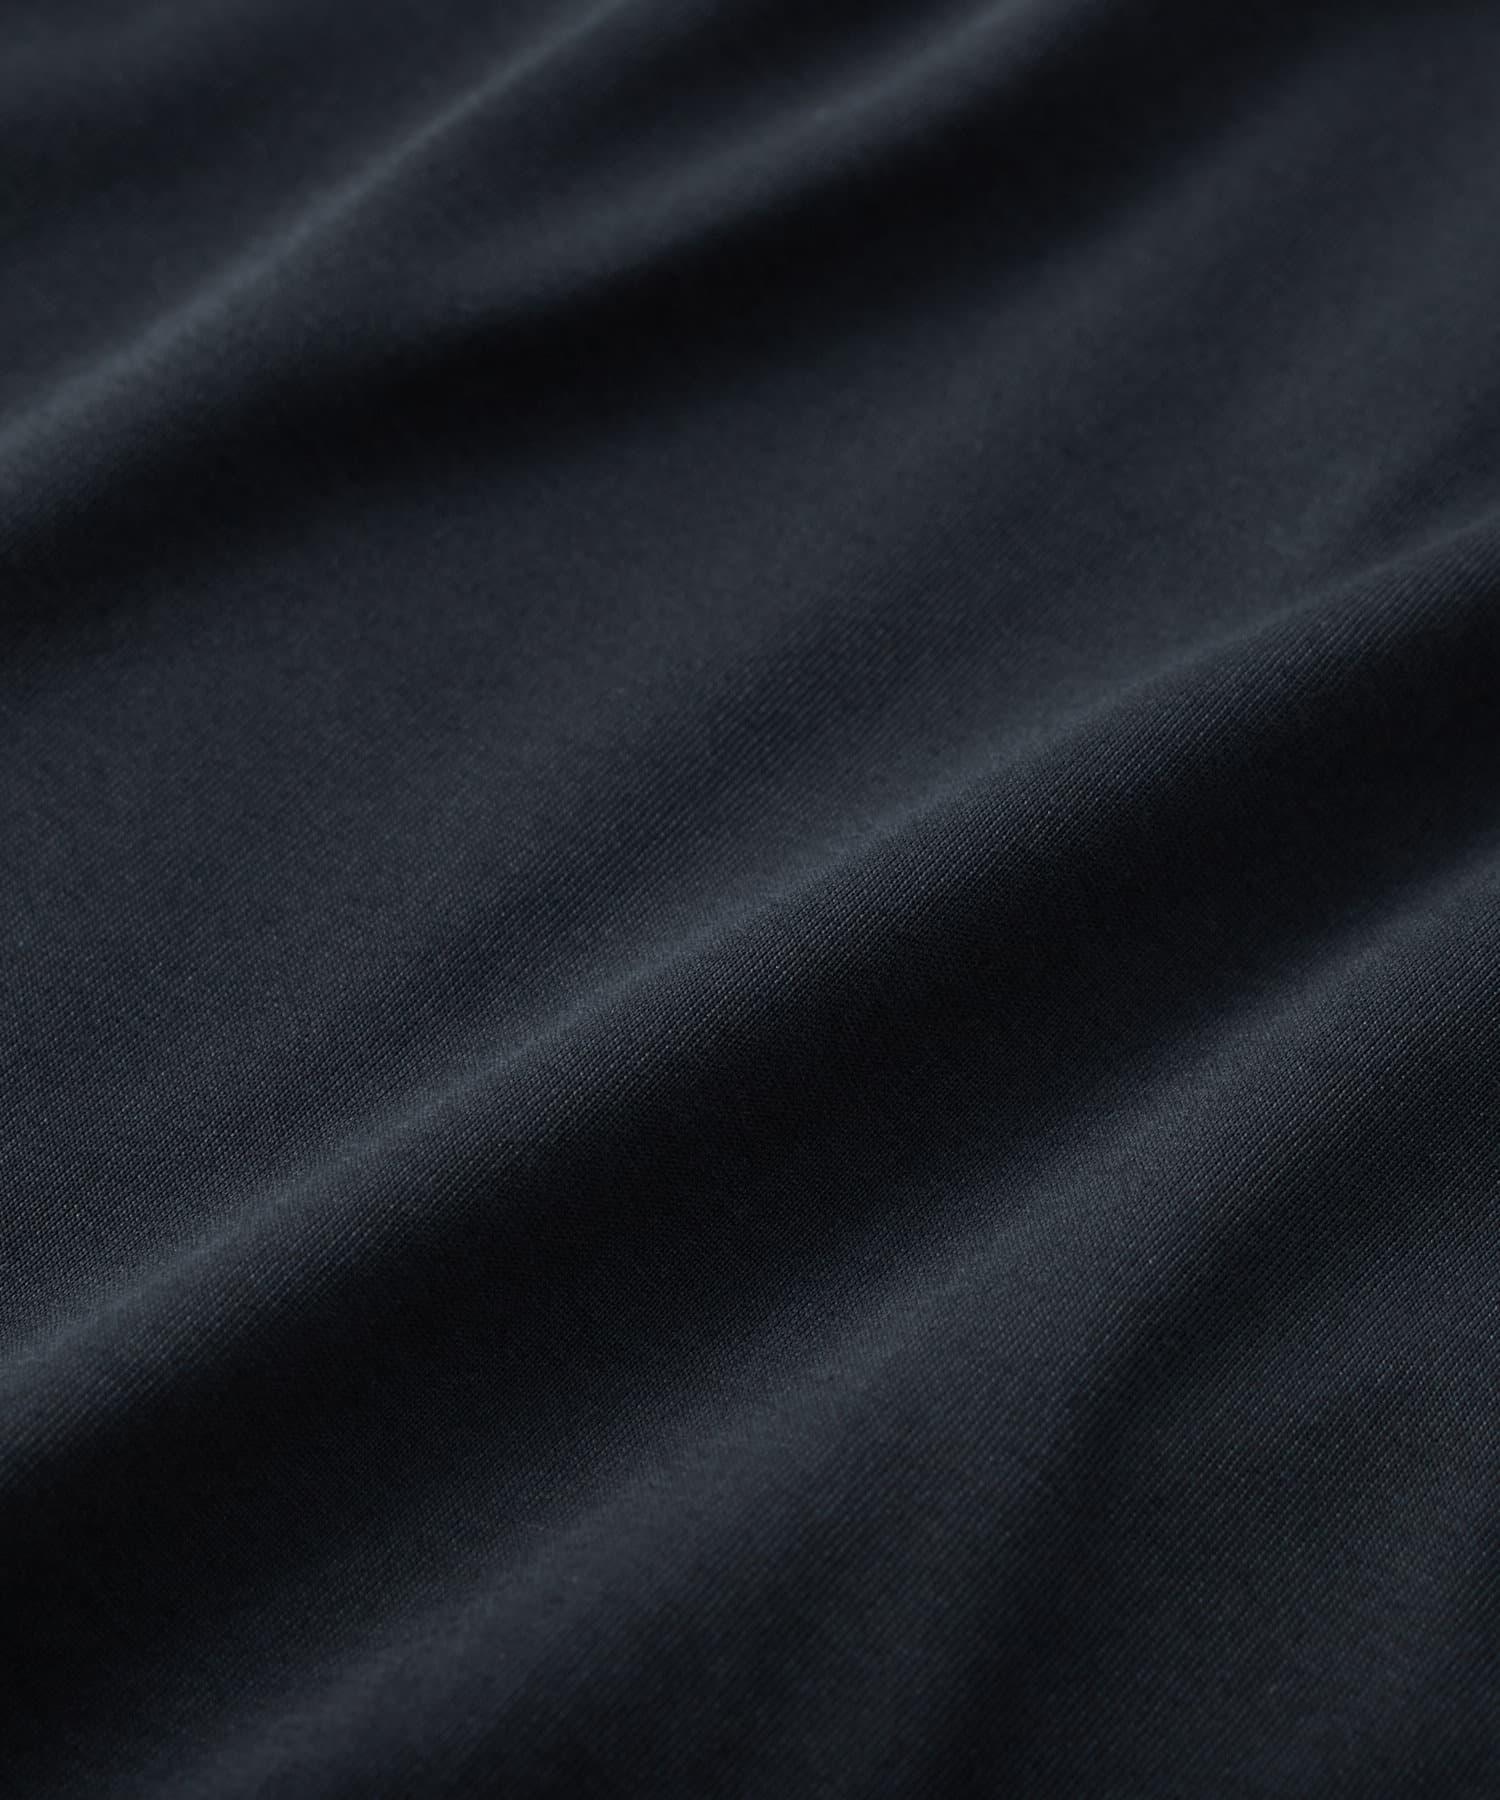 RIVE DROITE(リヴドロワ) 【デコルテの抜け感が小顔効果に】プレーティング天竺Vネックカットソー